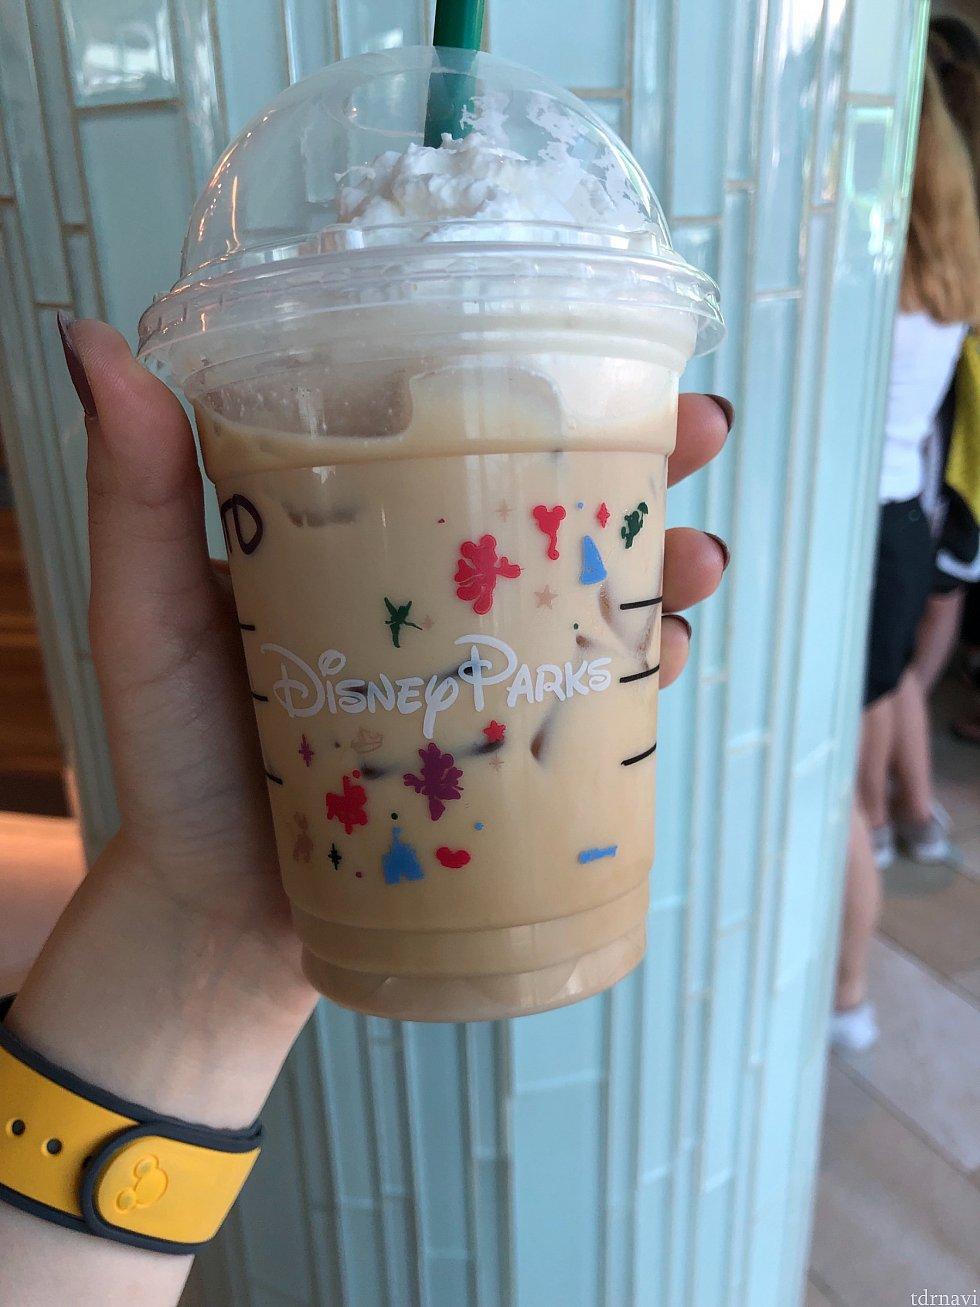 ディズニーパーク内にあるのでカップも特別です!